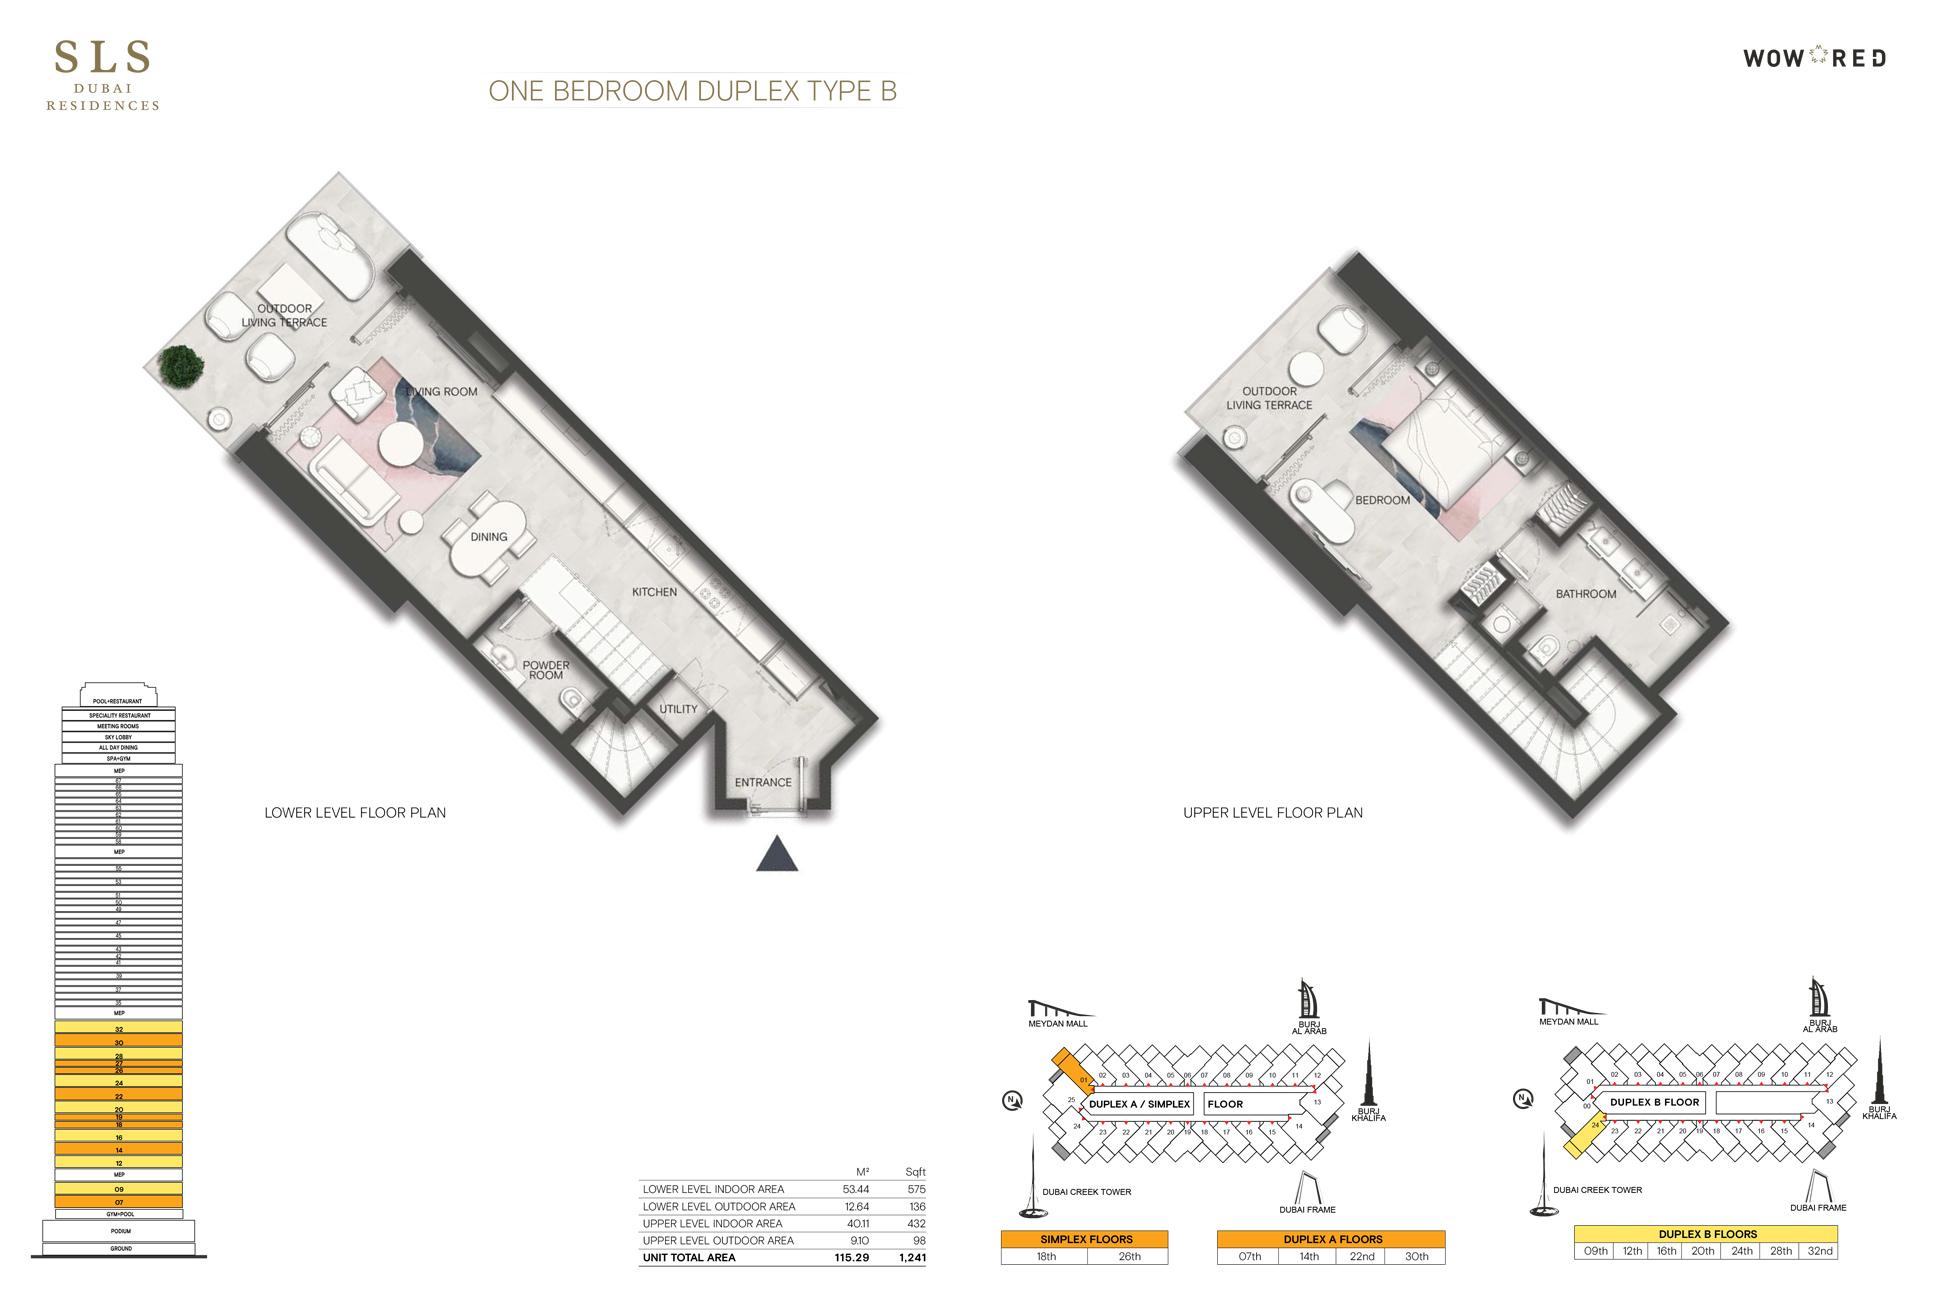 دوبلكس بغرفة نوم واحدة، نوع B، حجم 1241 قدم مربع